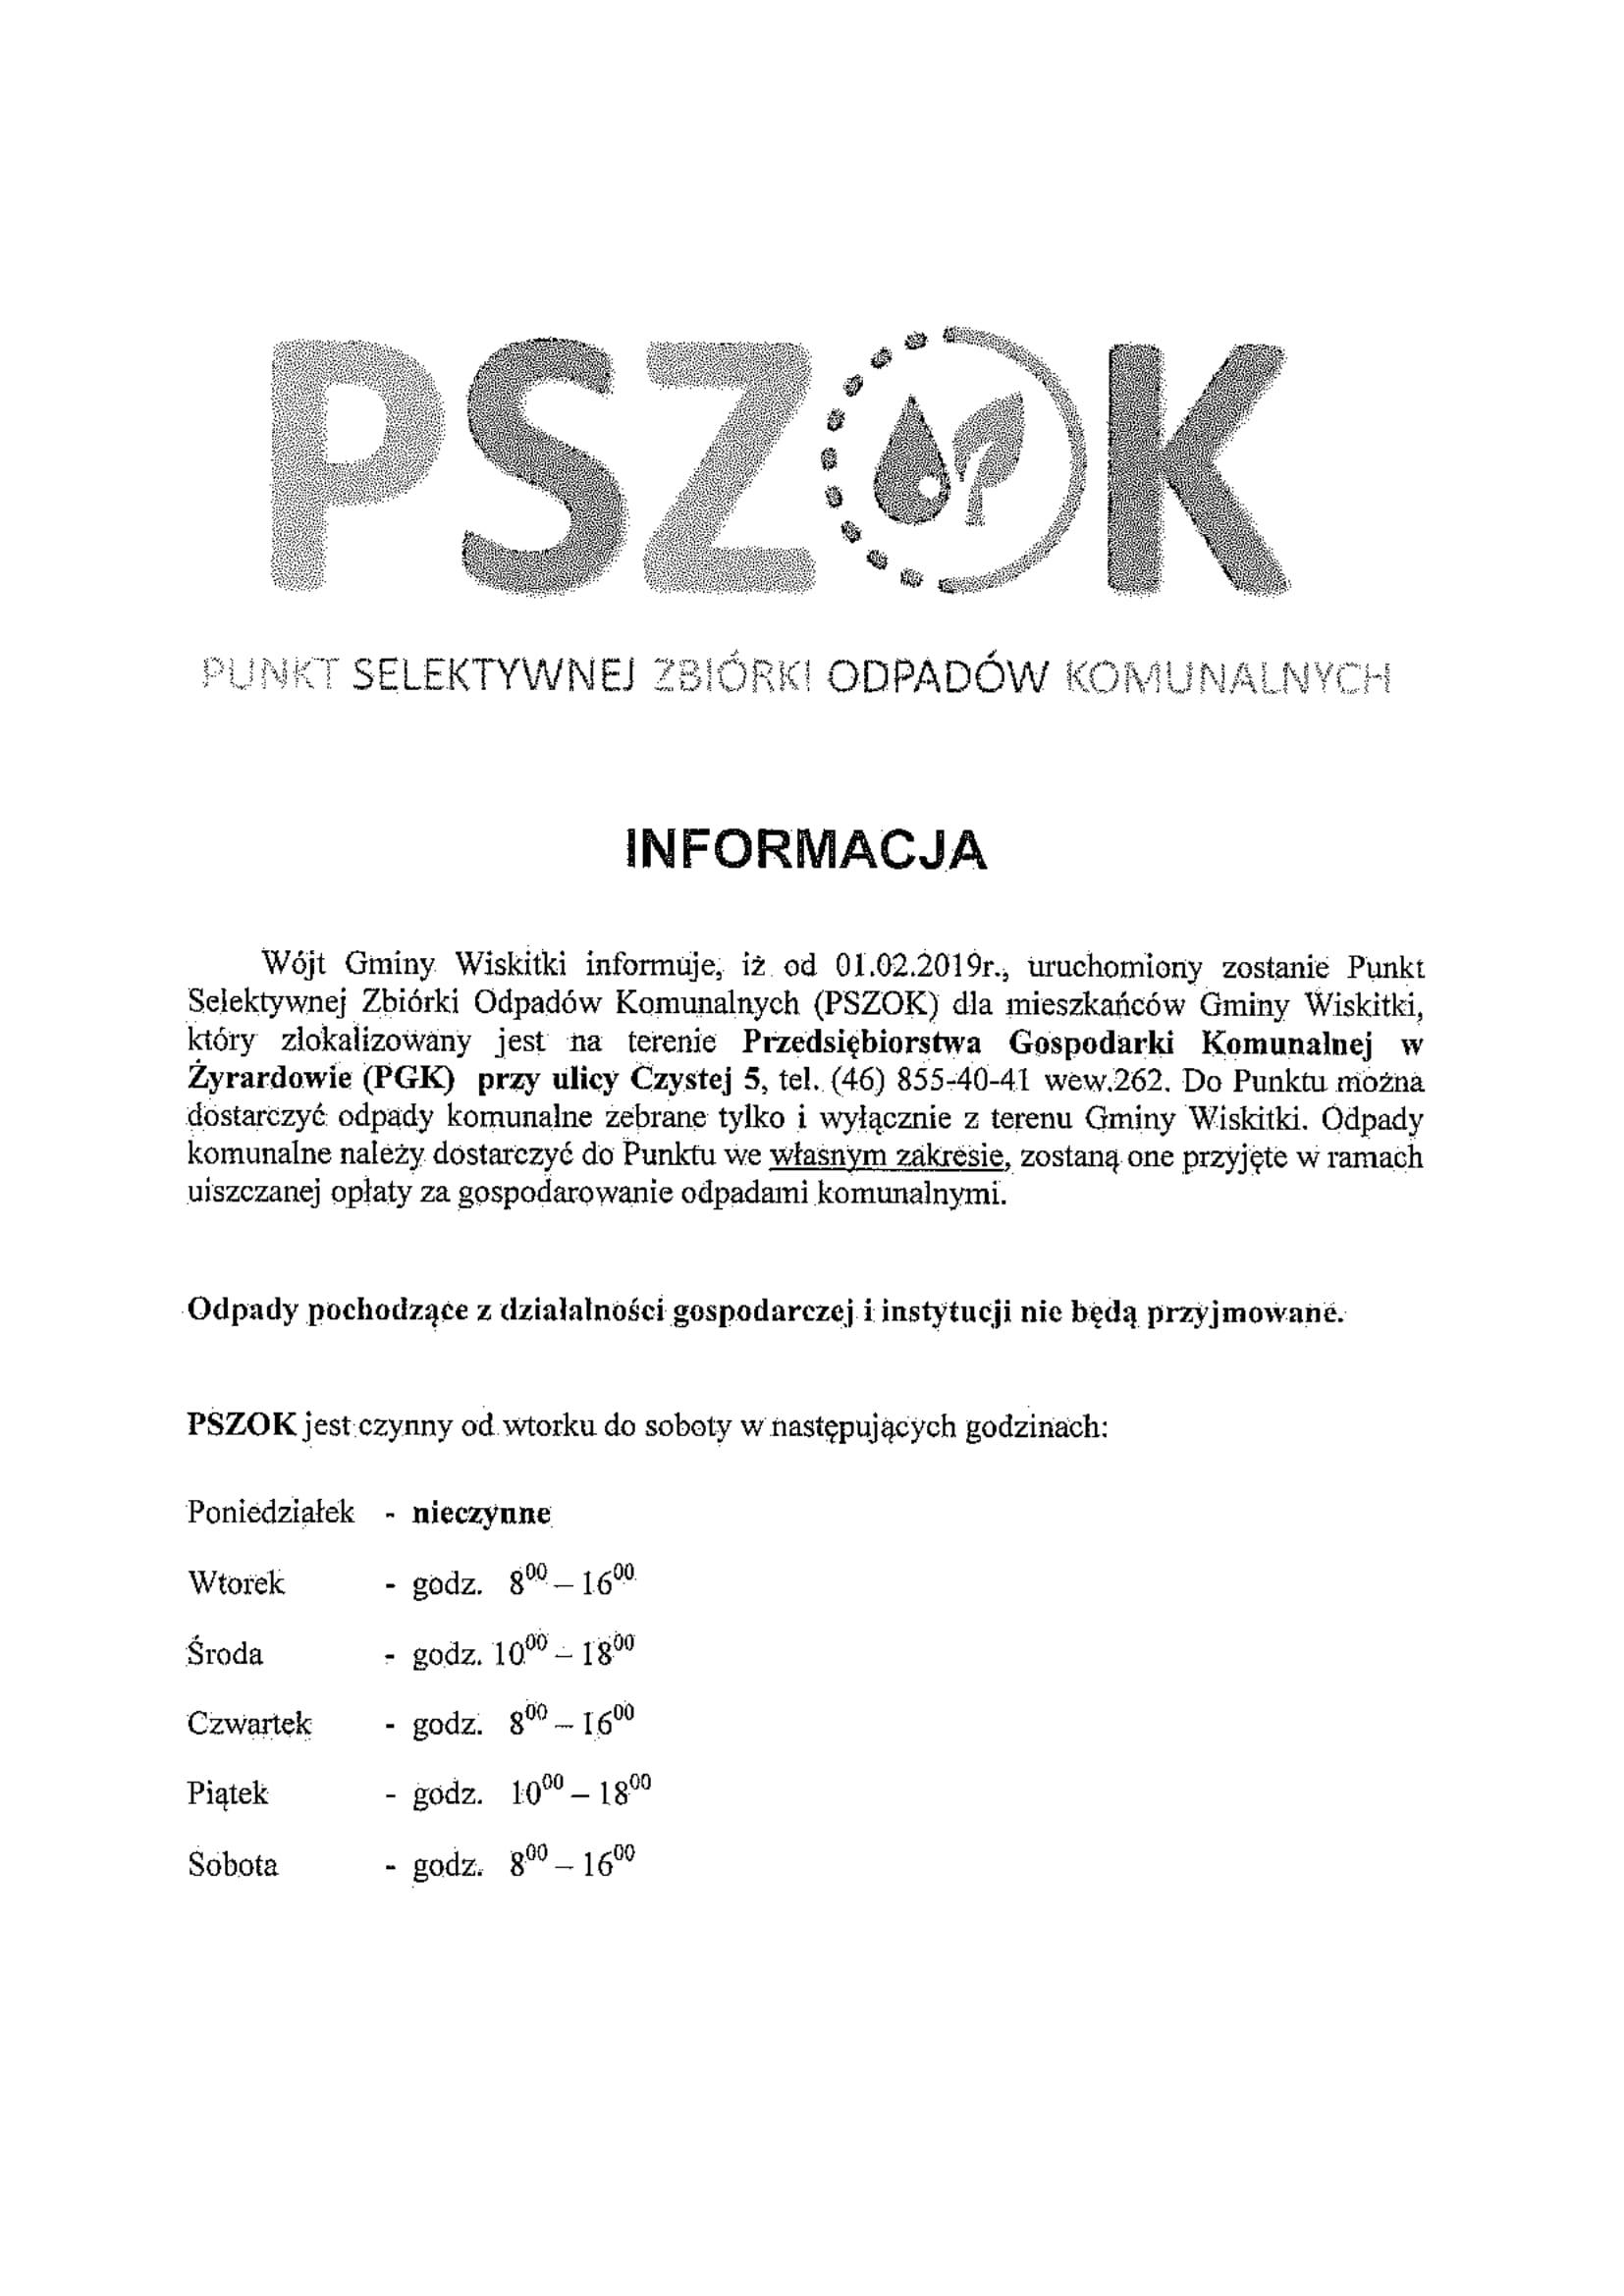 PSZOK-1